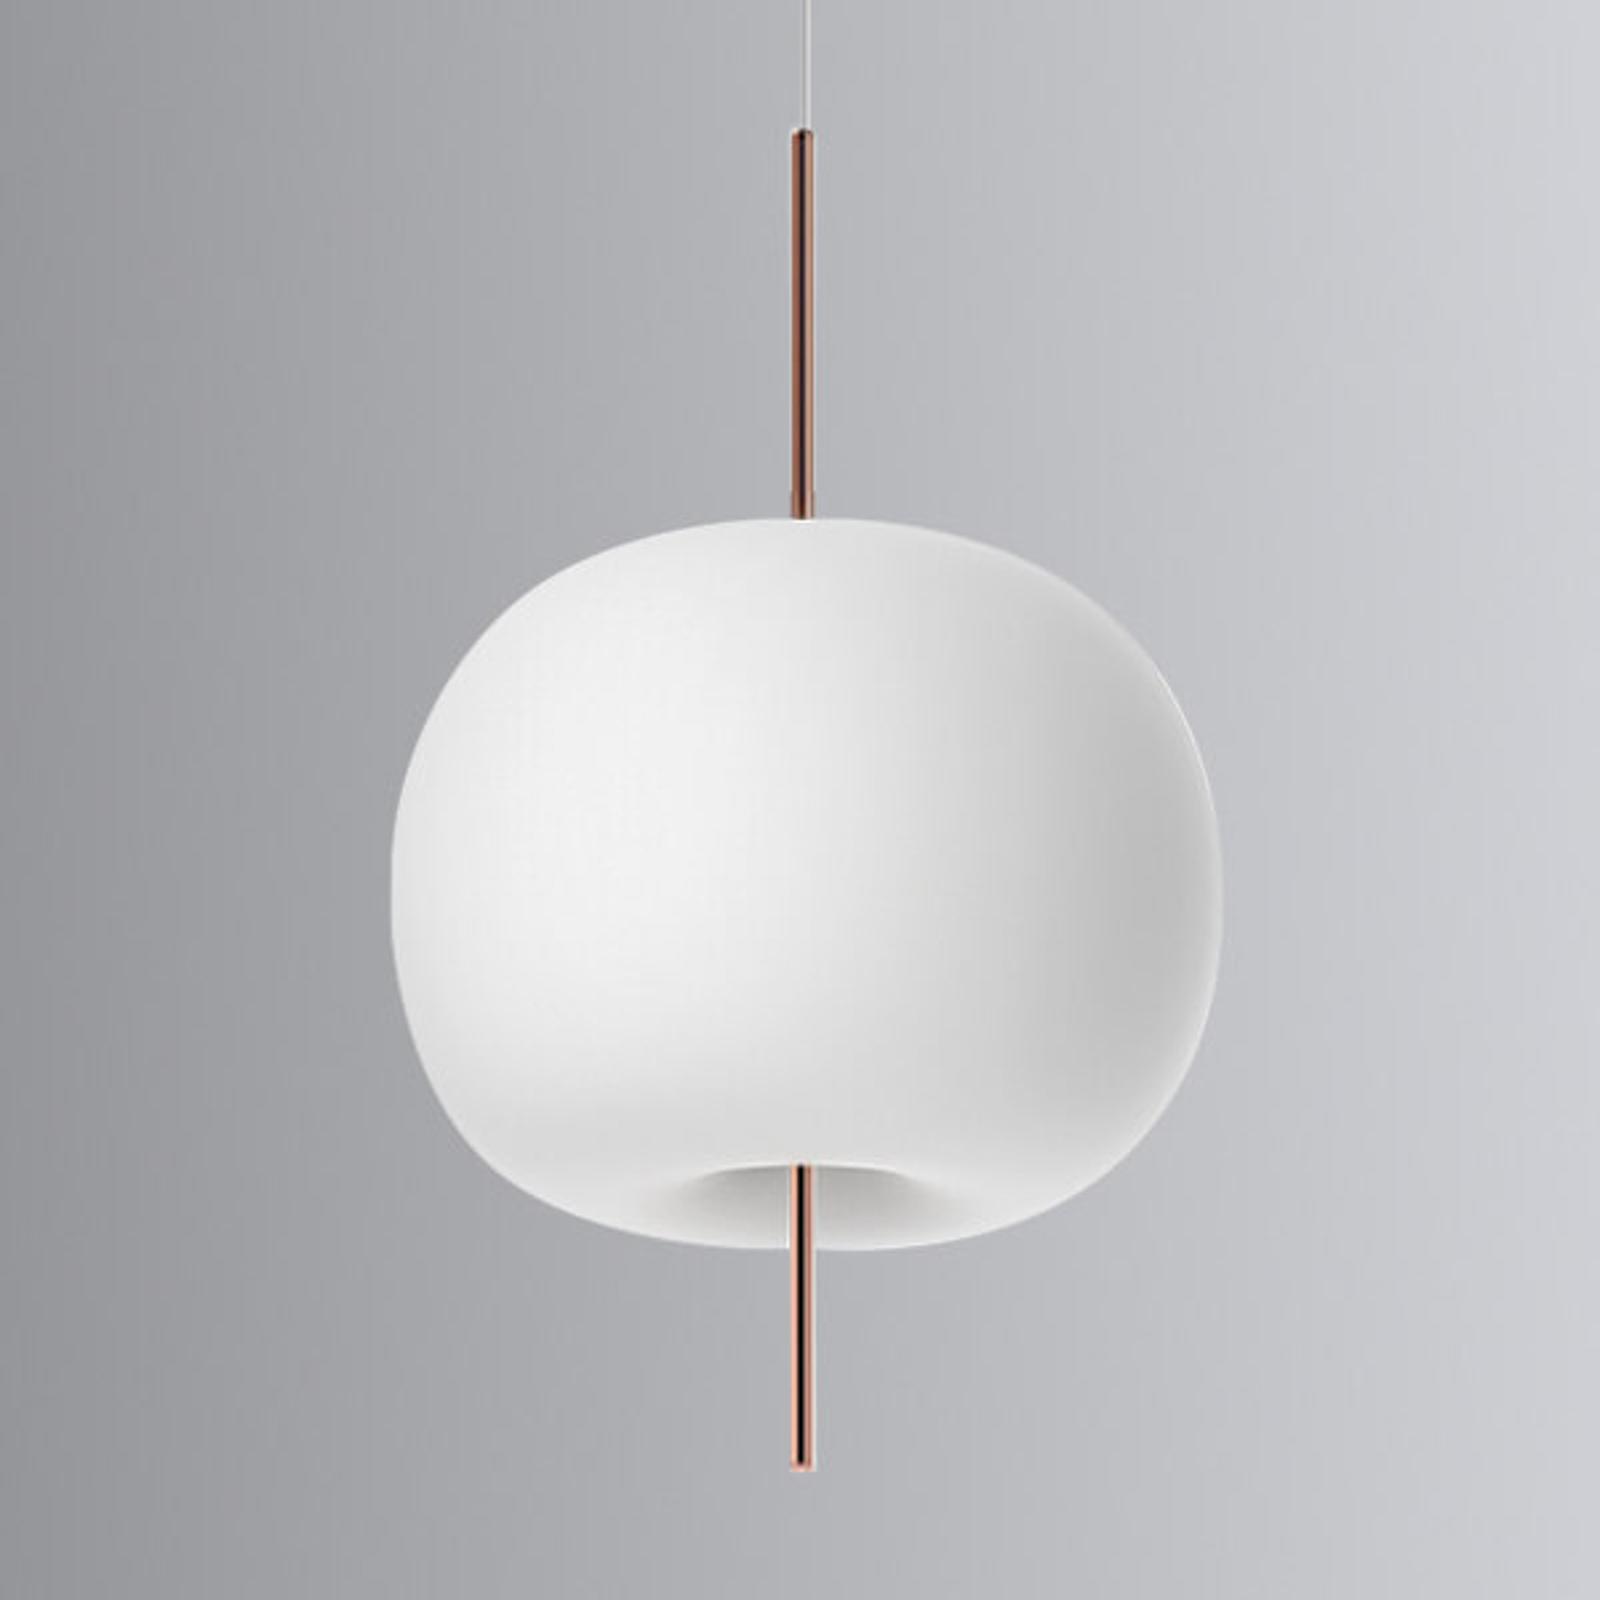 Lampa wisząca LED Kushi, miedziany pręt 33